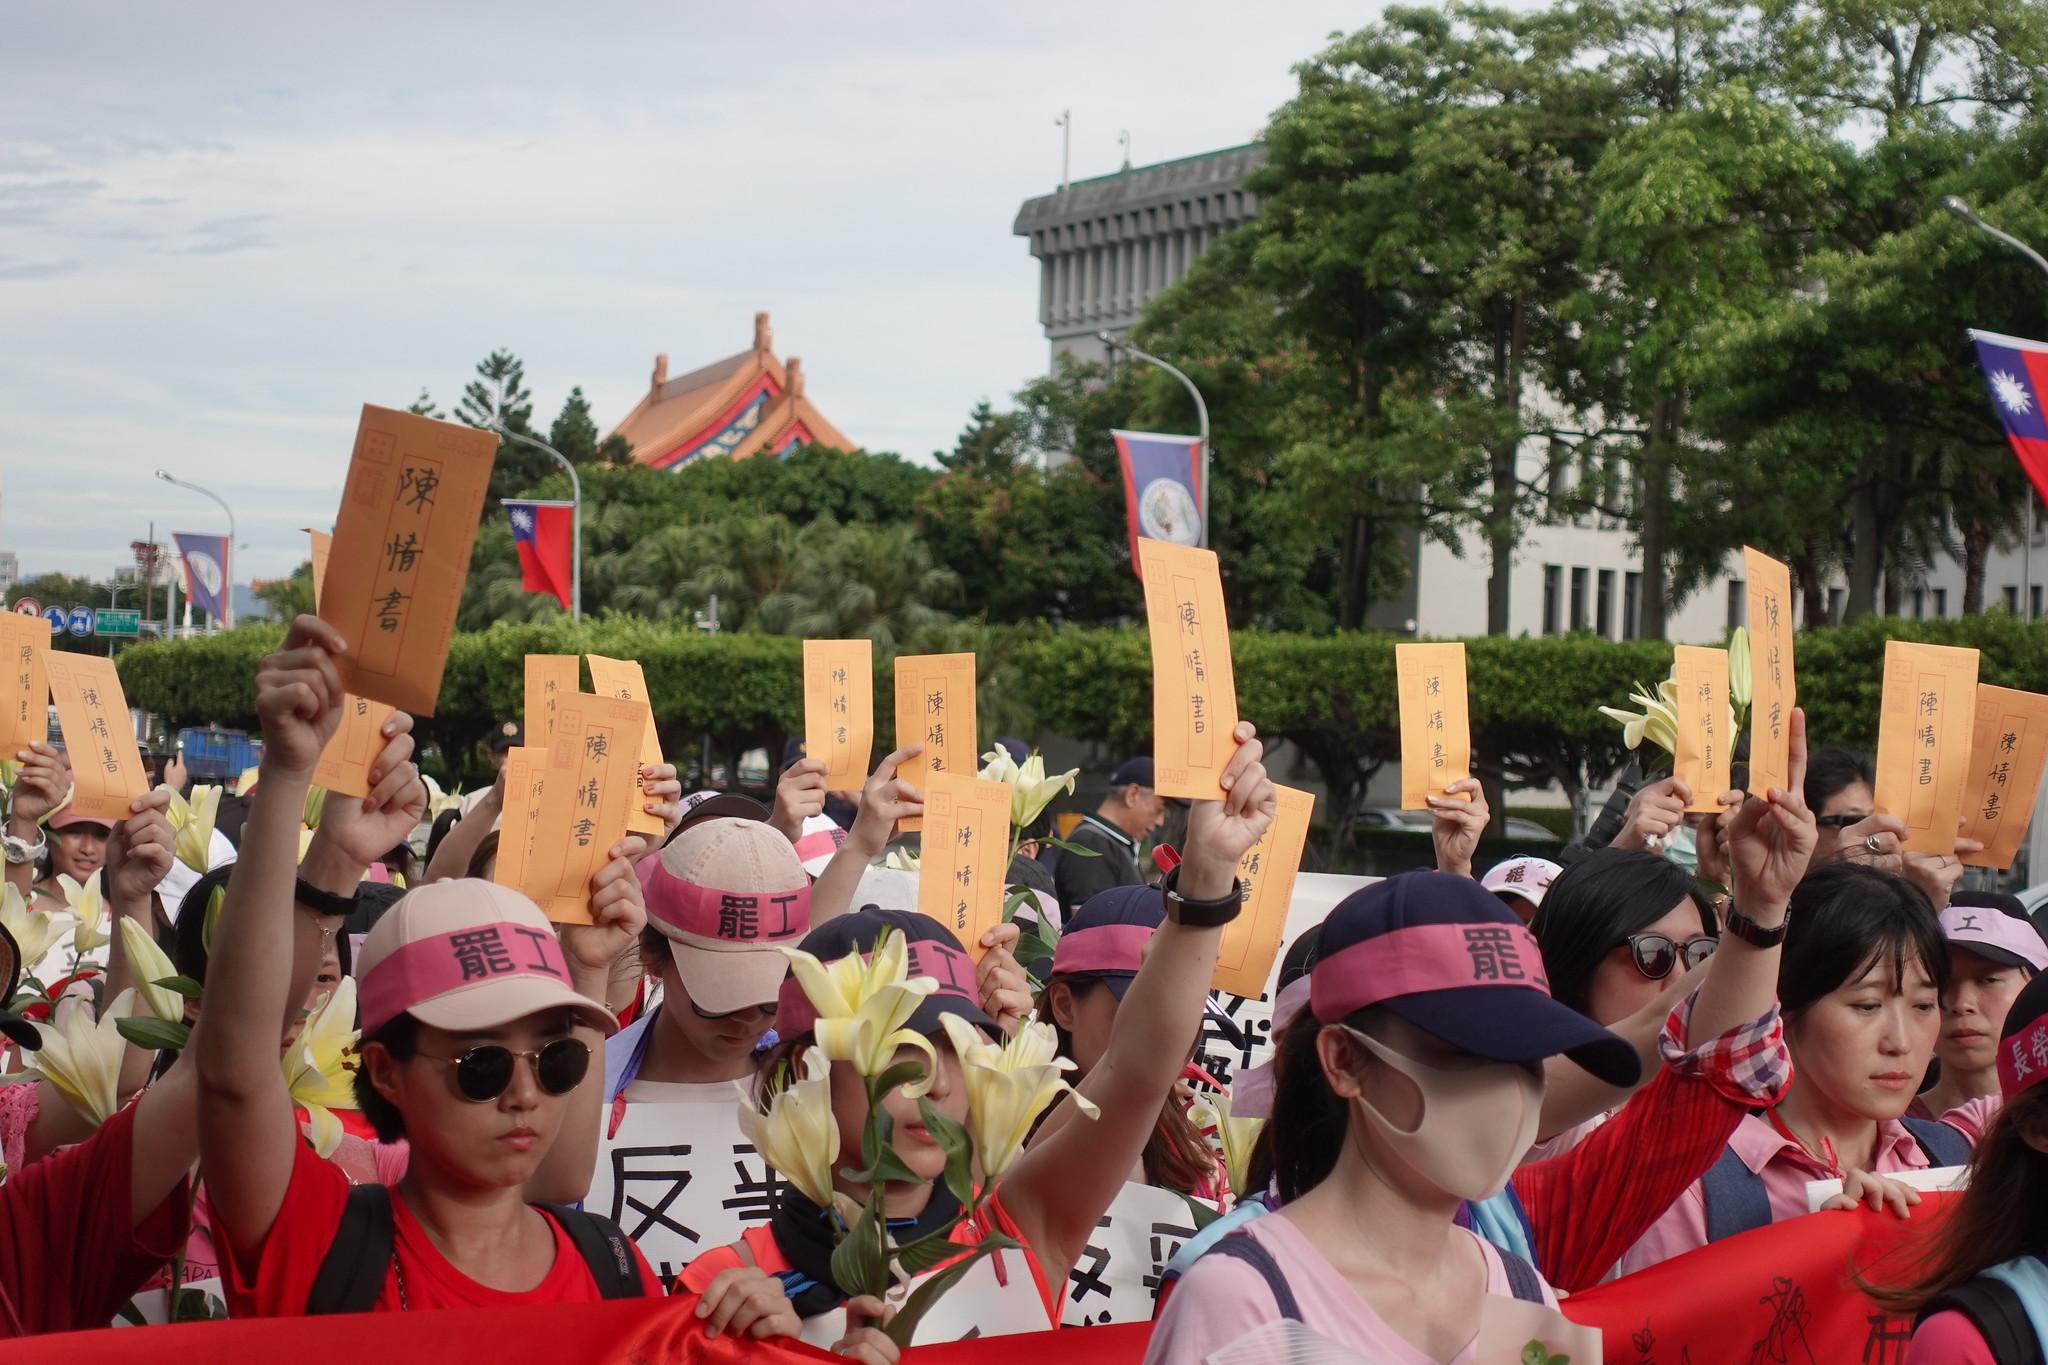 空服員一人一封陳情信,送交給蔡總統,呼籲她支持勞動人權。(攝影:張智琦)